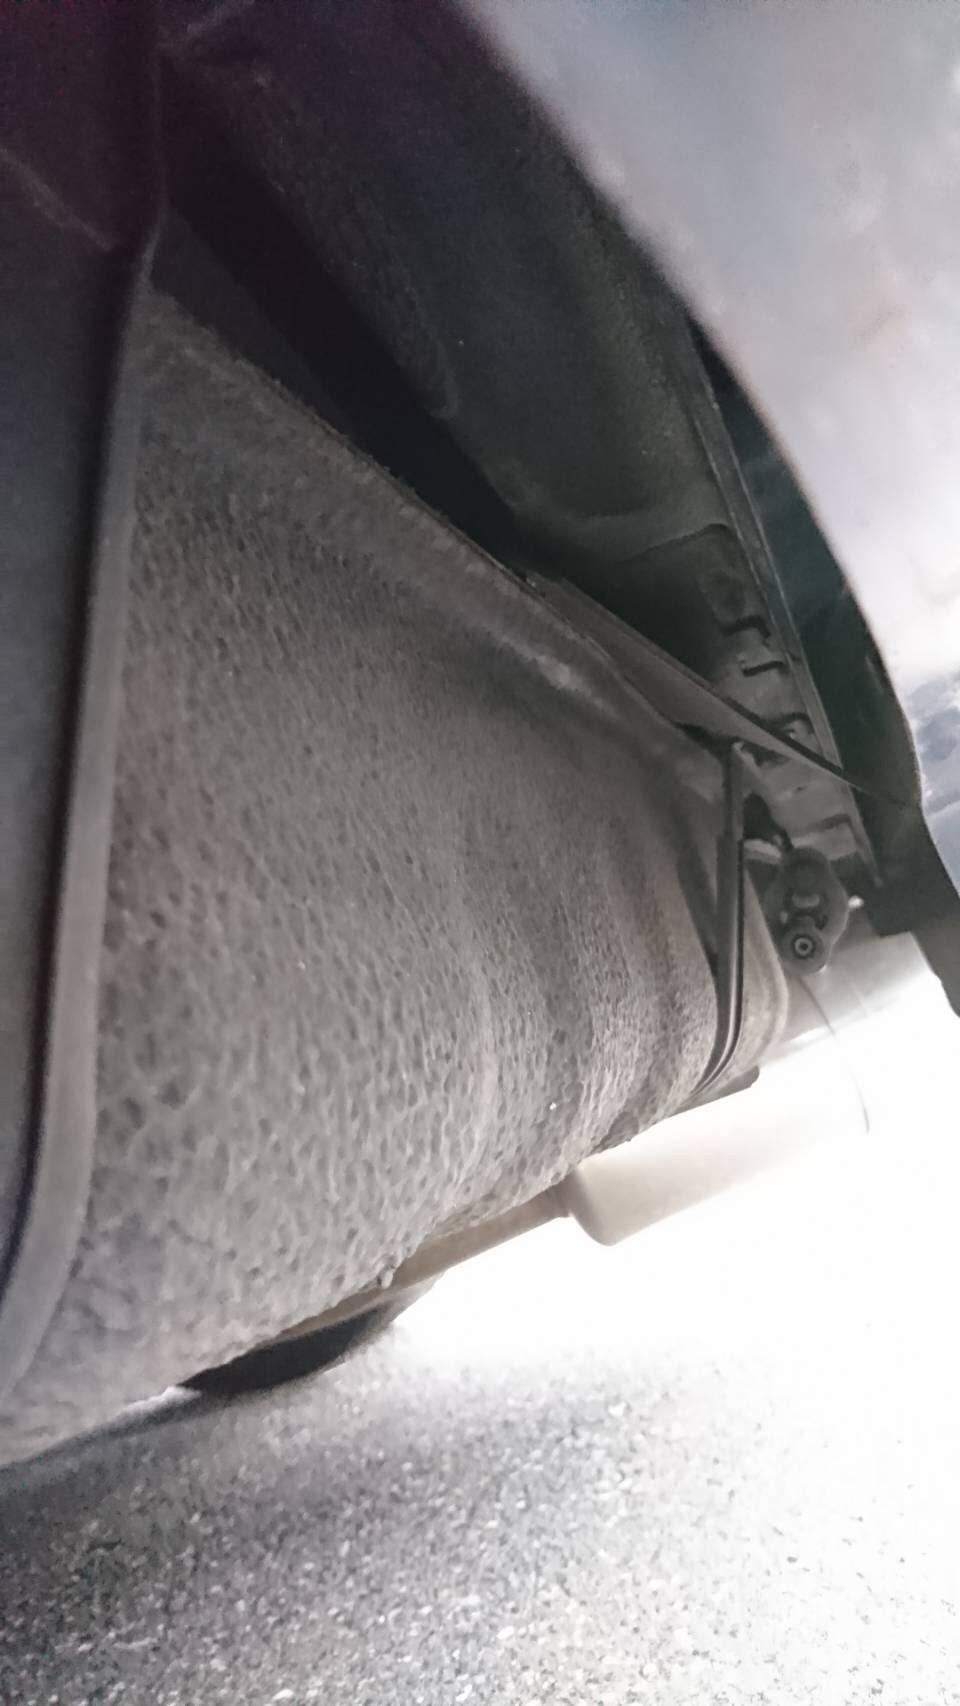 1992 Mazda RX-7 turbo 20